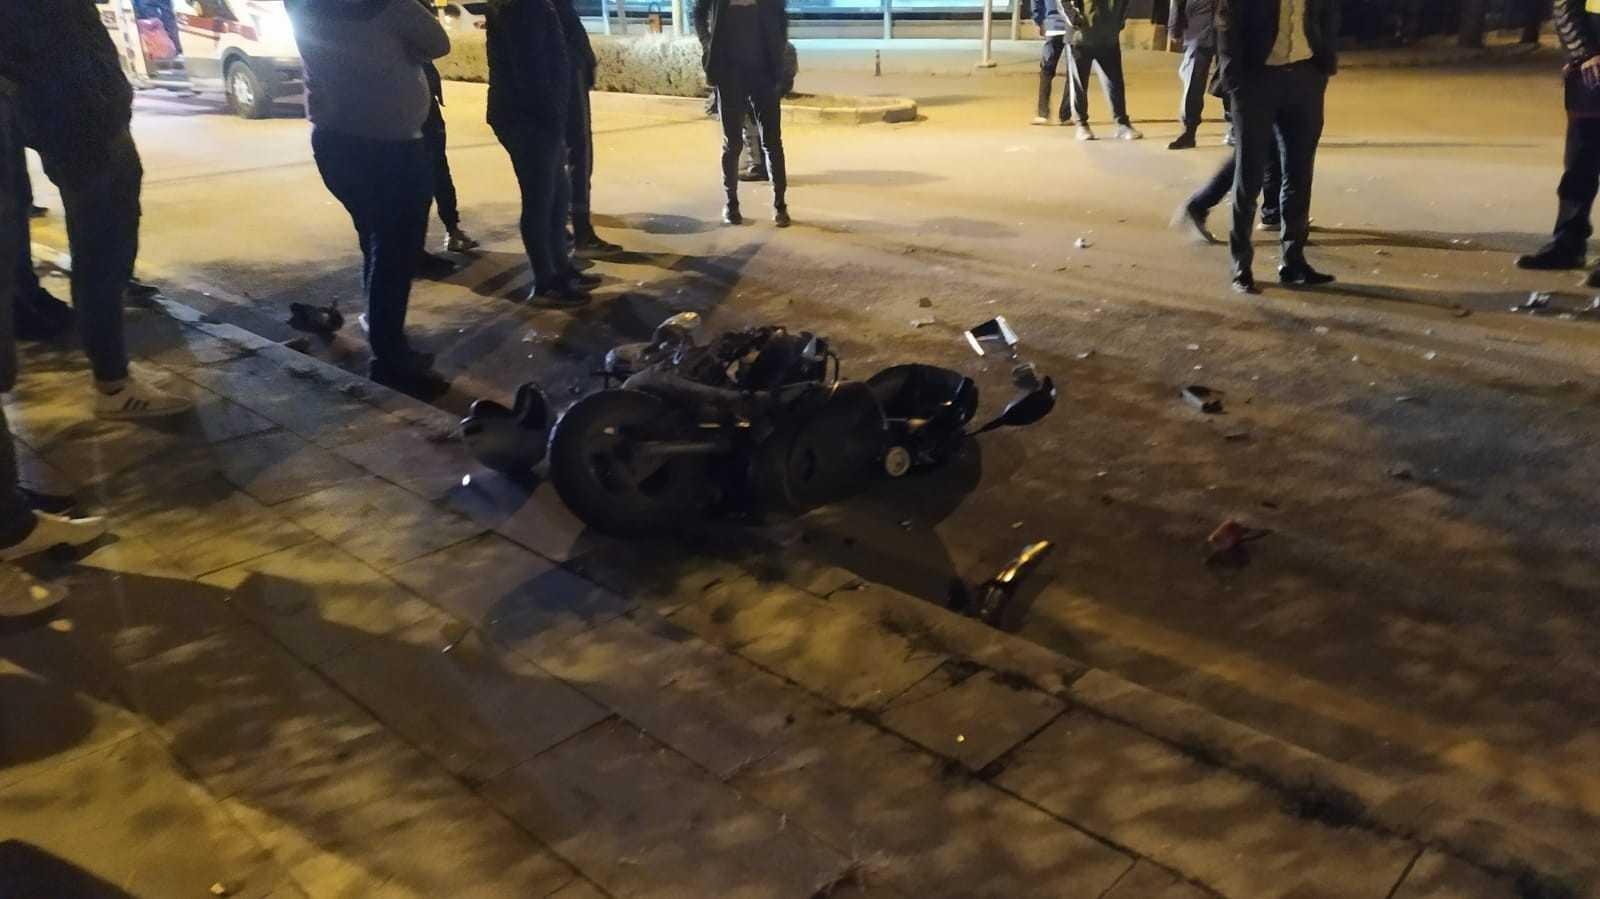 Motosiklete çarpan sürücü olay yerinden kaçtı: 1 yaralı #corum